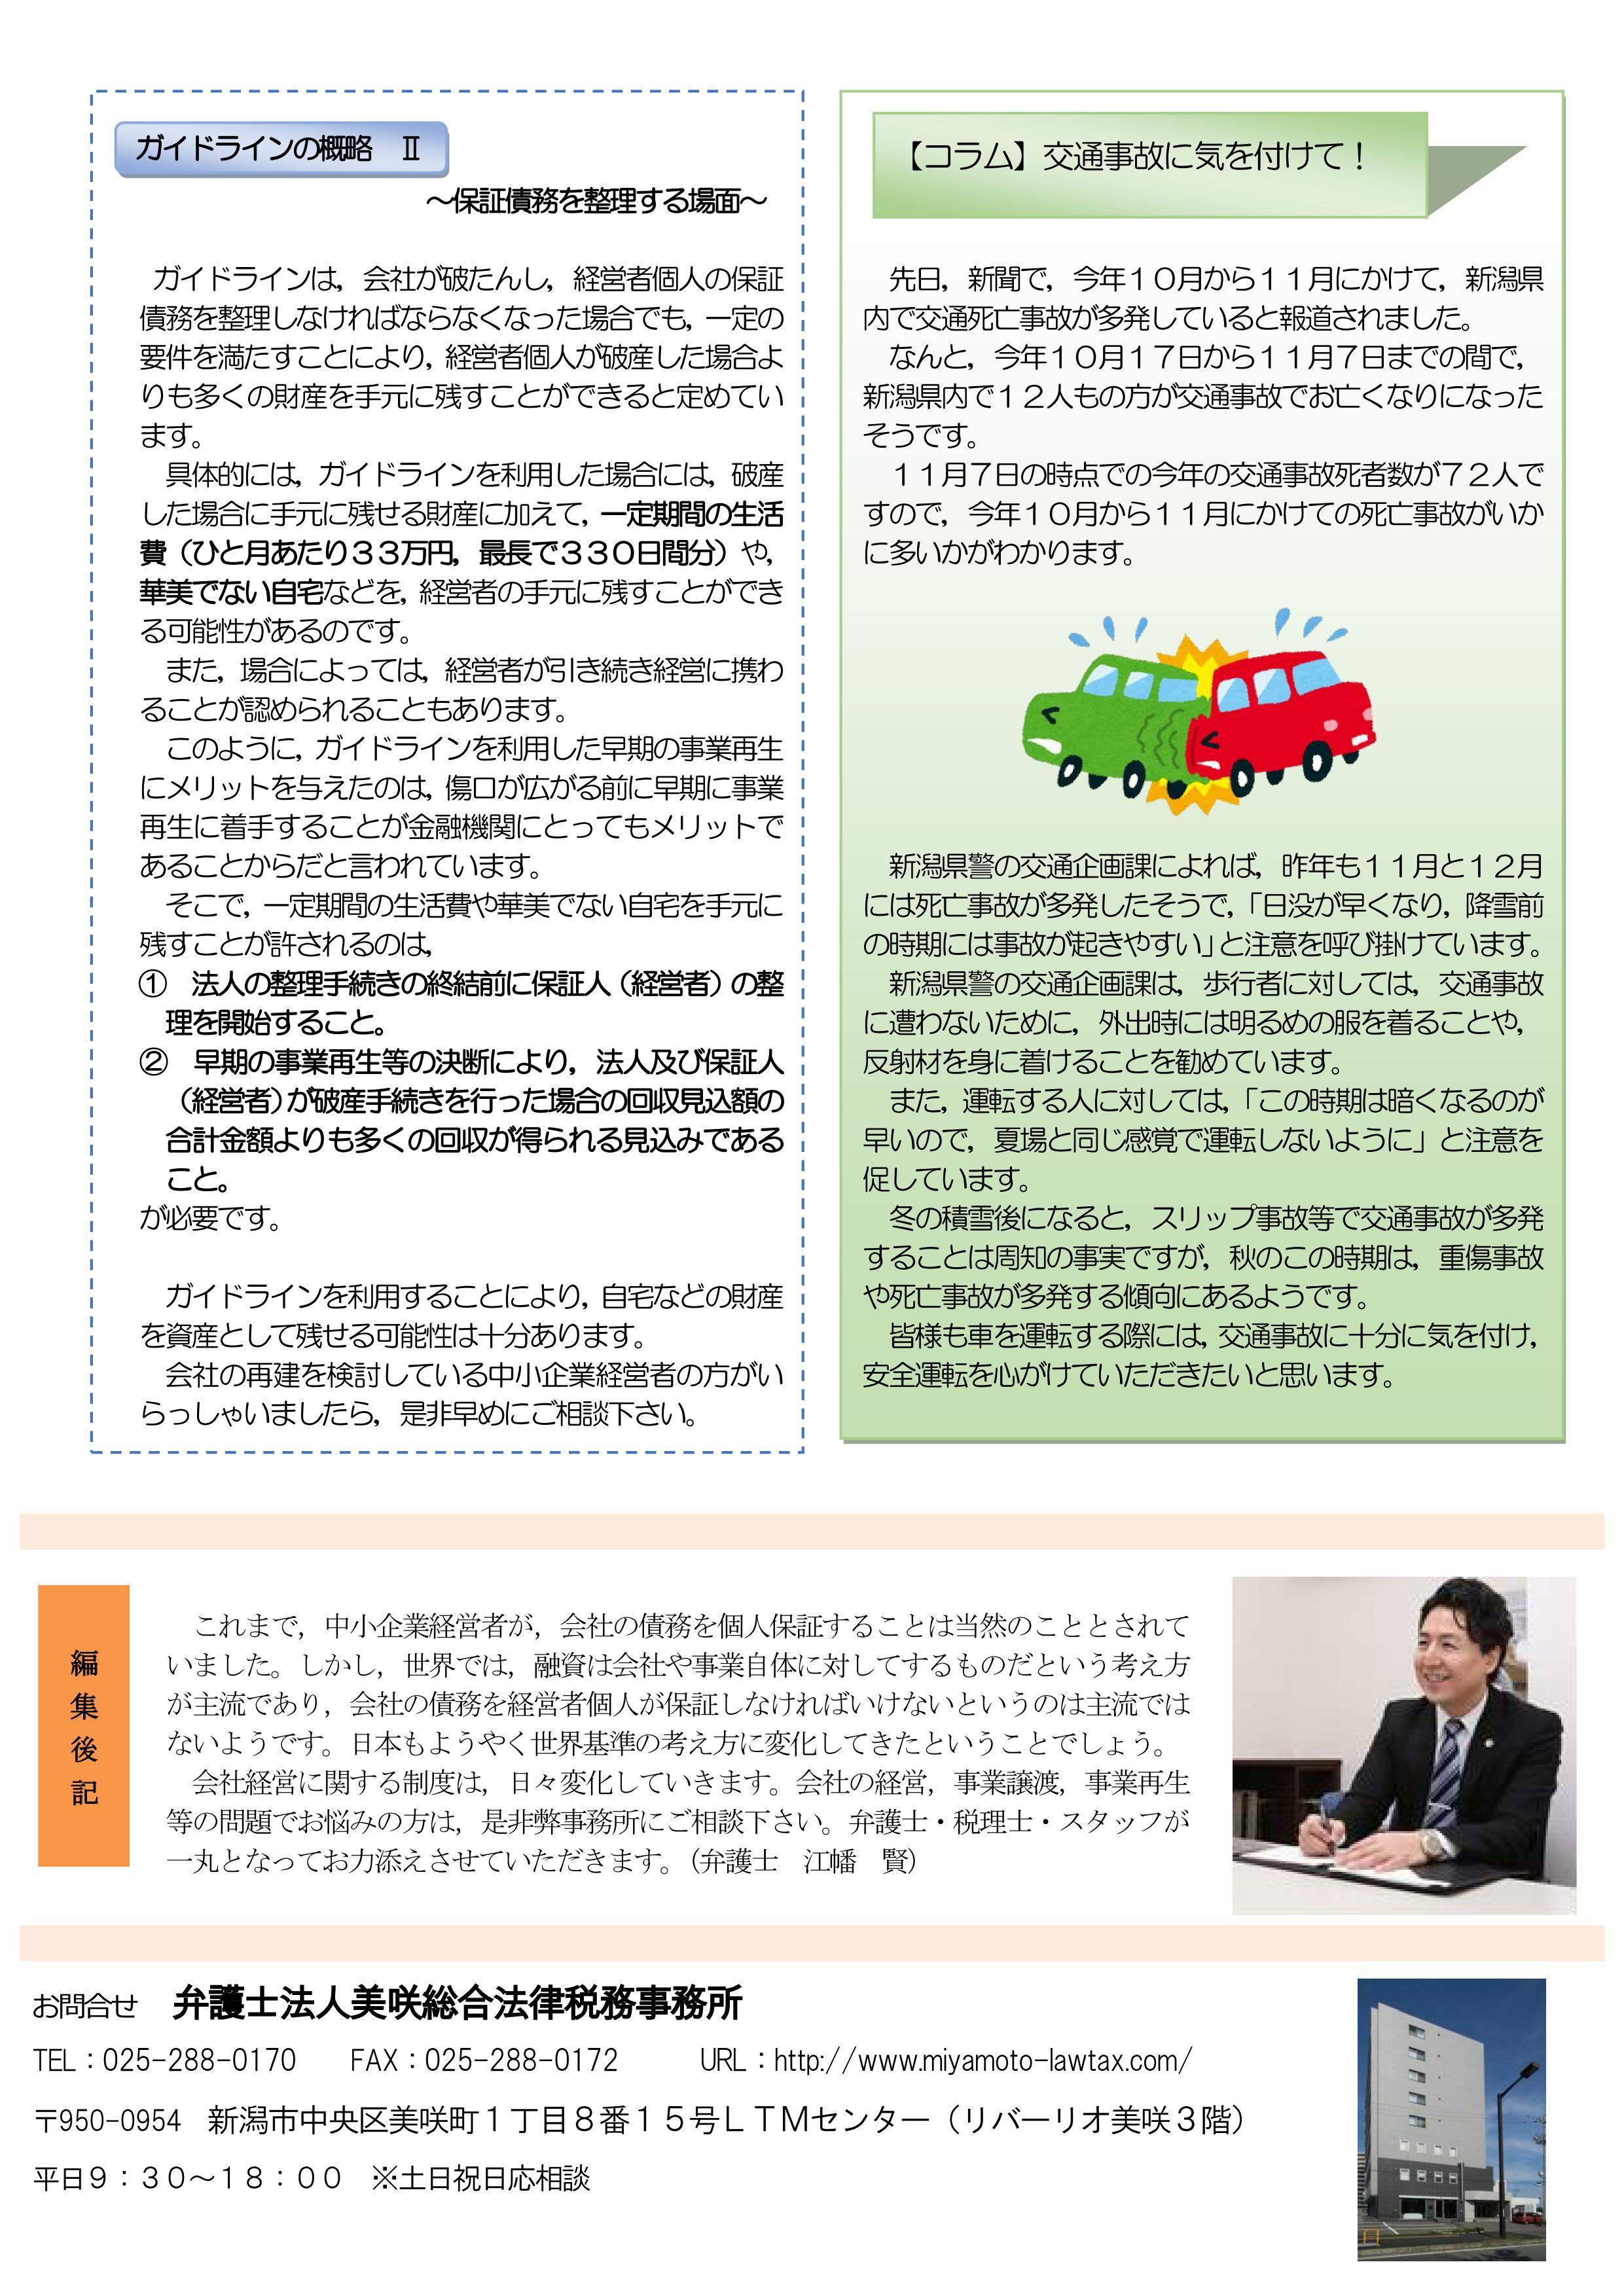 ニュースレター Vol.12_02.jpg